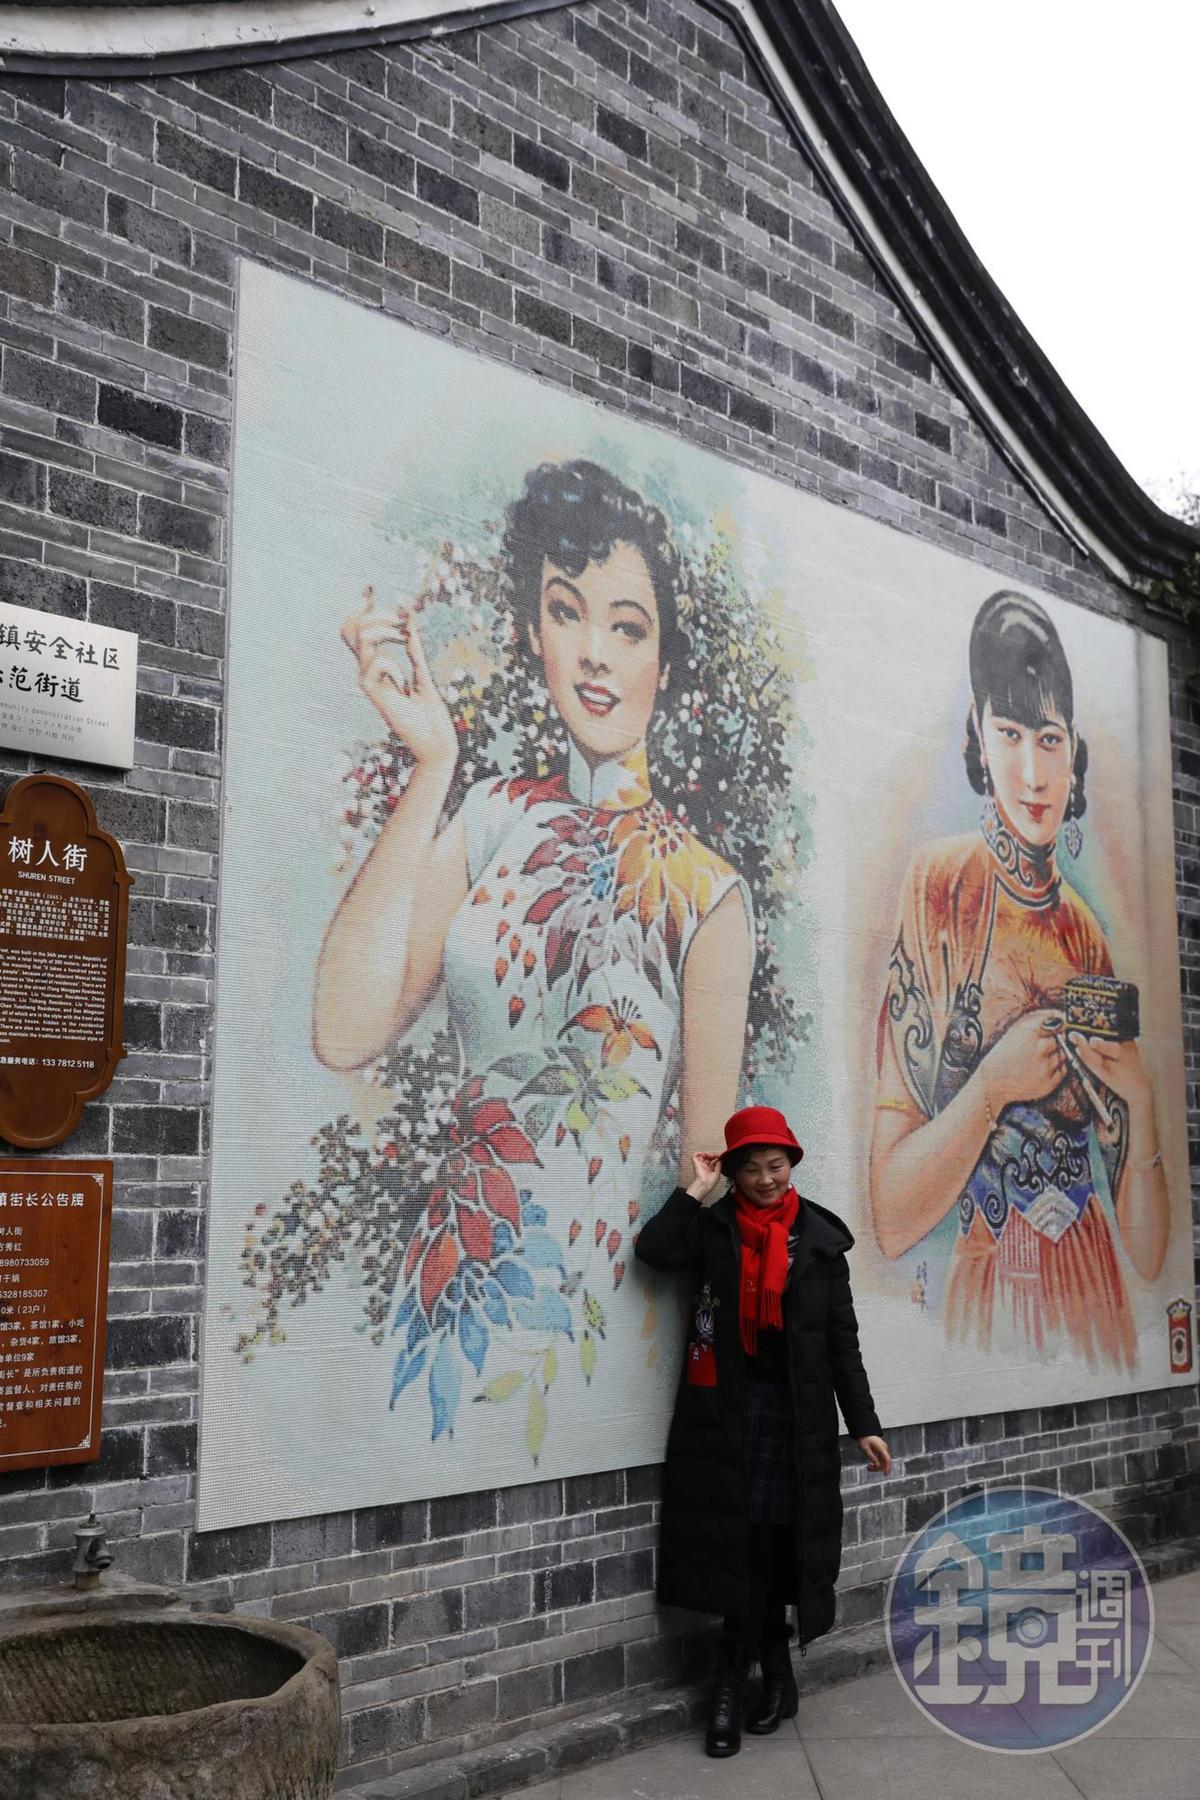 古鎮打造民國風情街,處處都是旗袍意象。